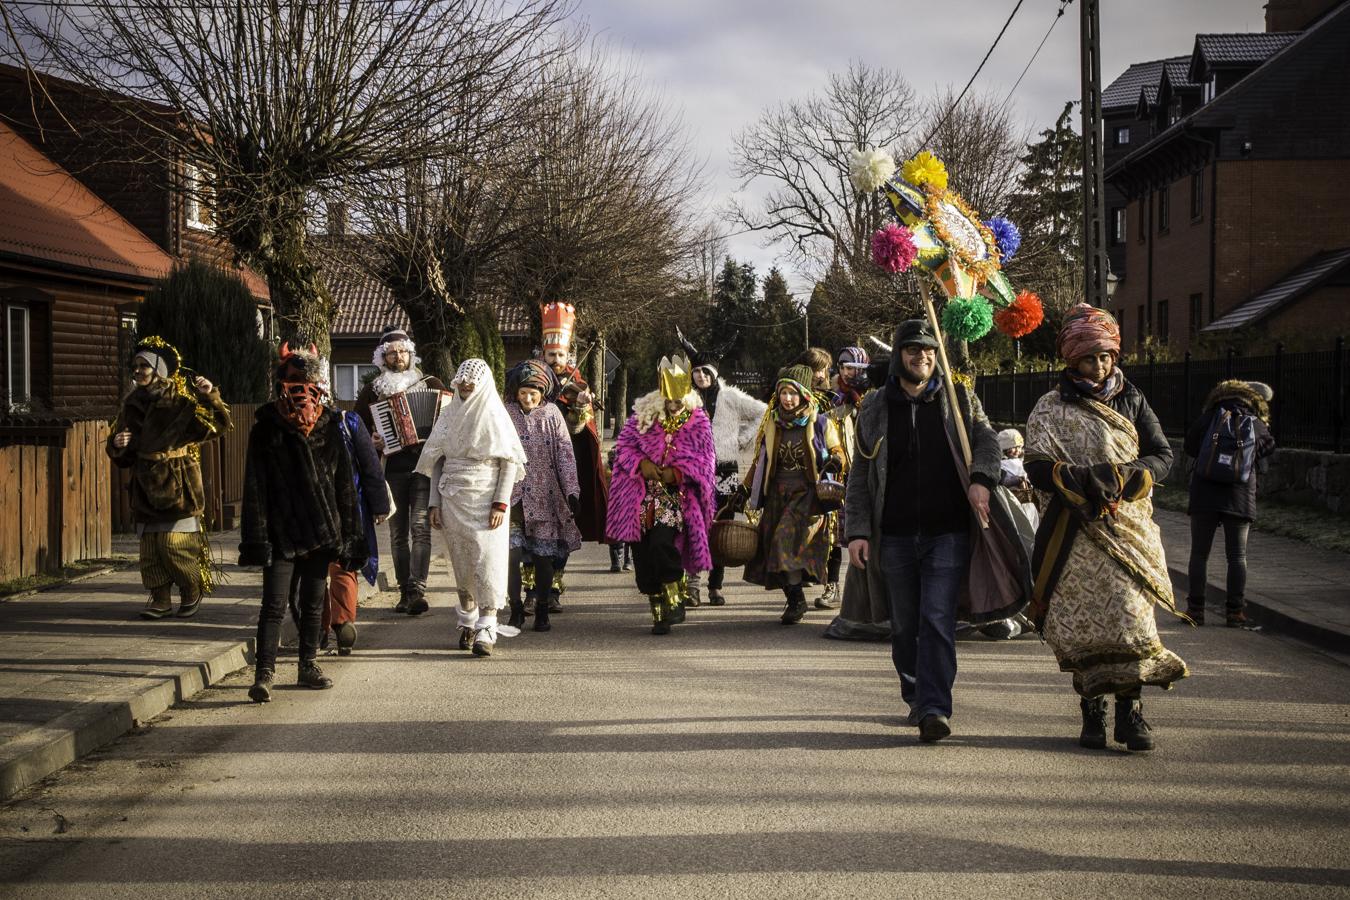 Kolędnicy idą ulicą Białowieży ze śpiewem i muzyką.